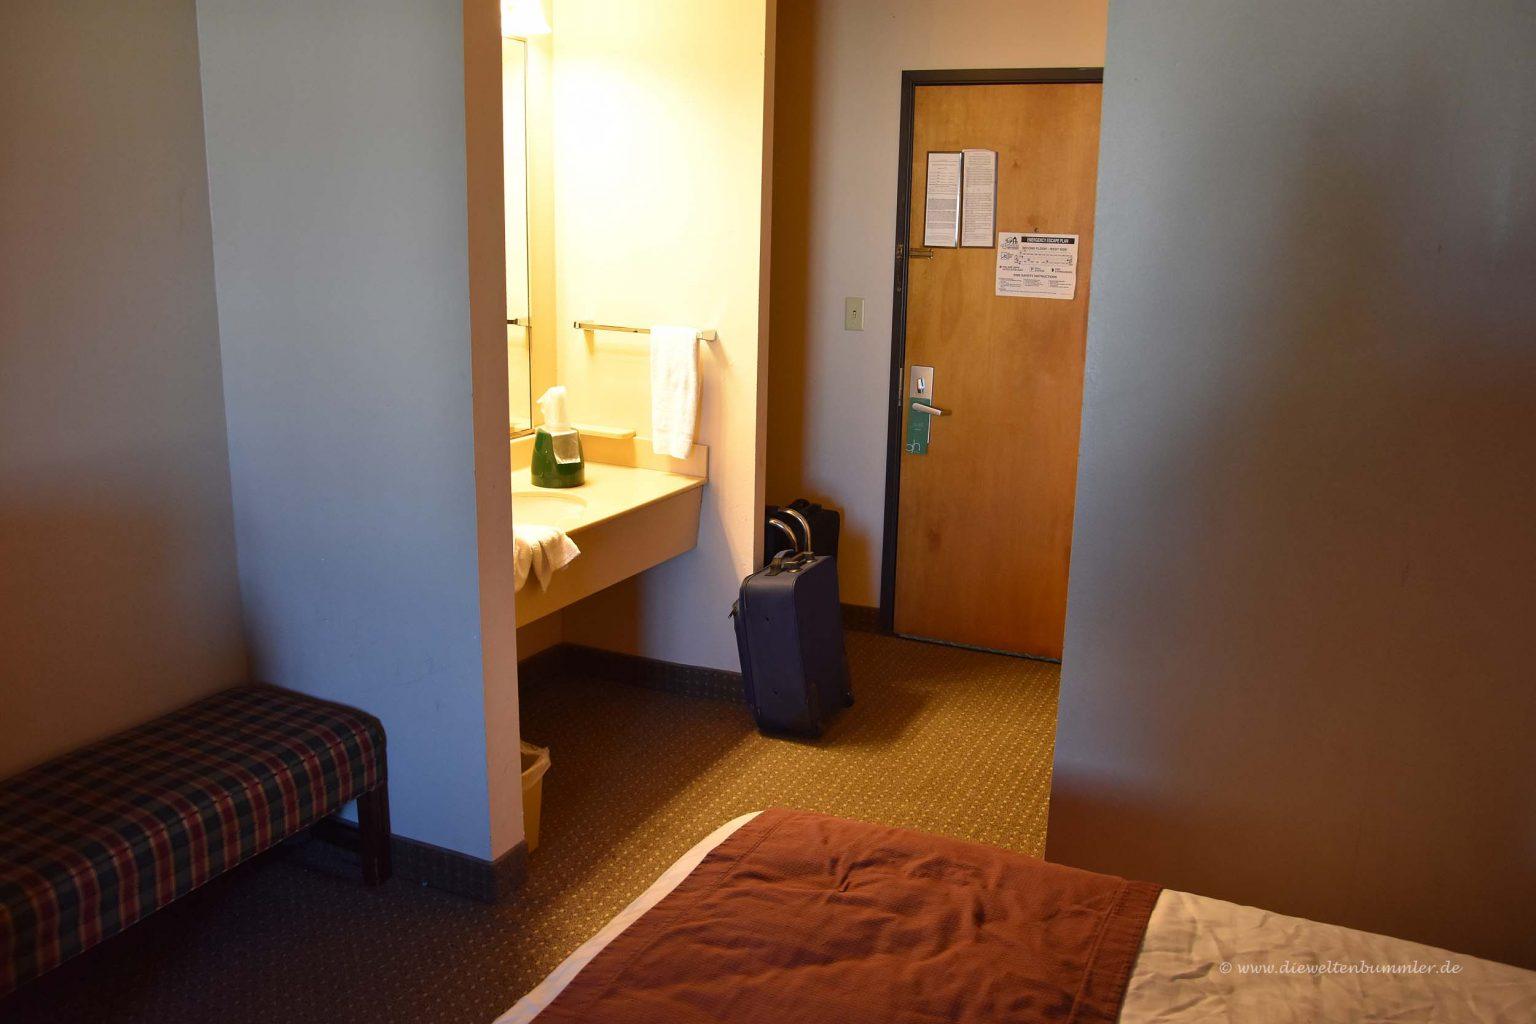 erfahrungen mit hotels und motels in den usa die weltenbummler. Black Bedroom Furniture Sets. Home Design Ideas